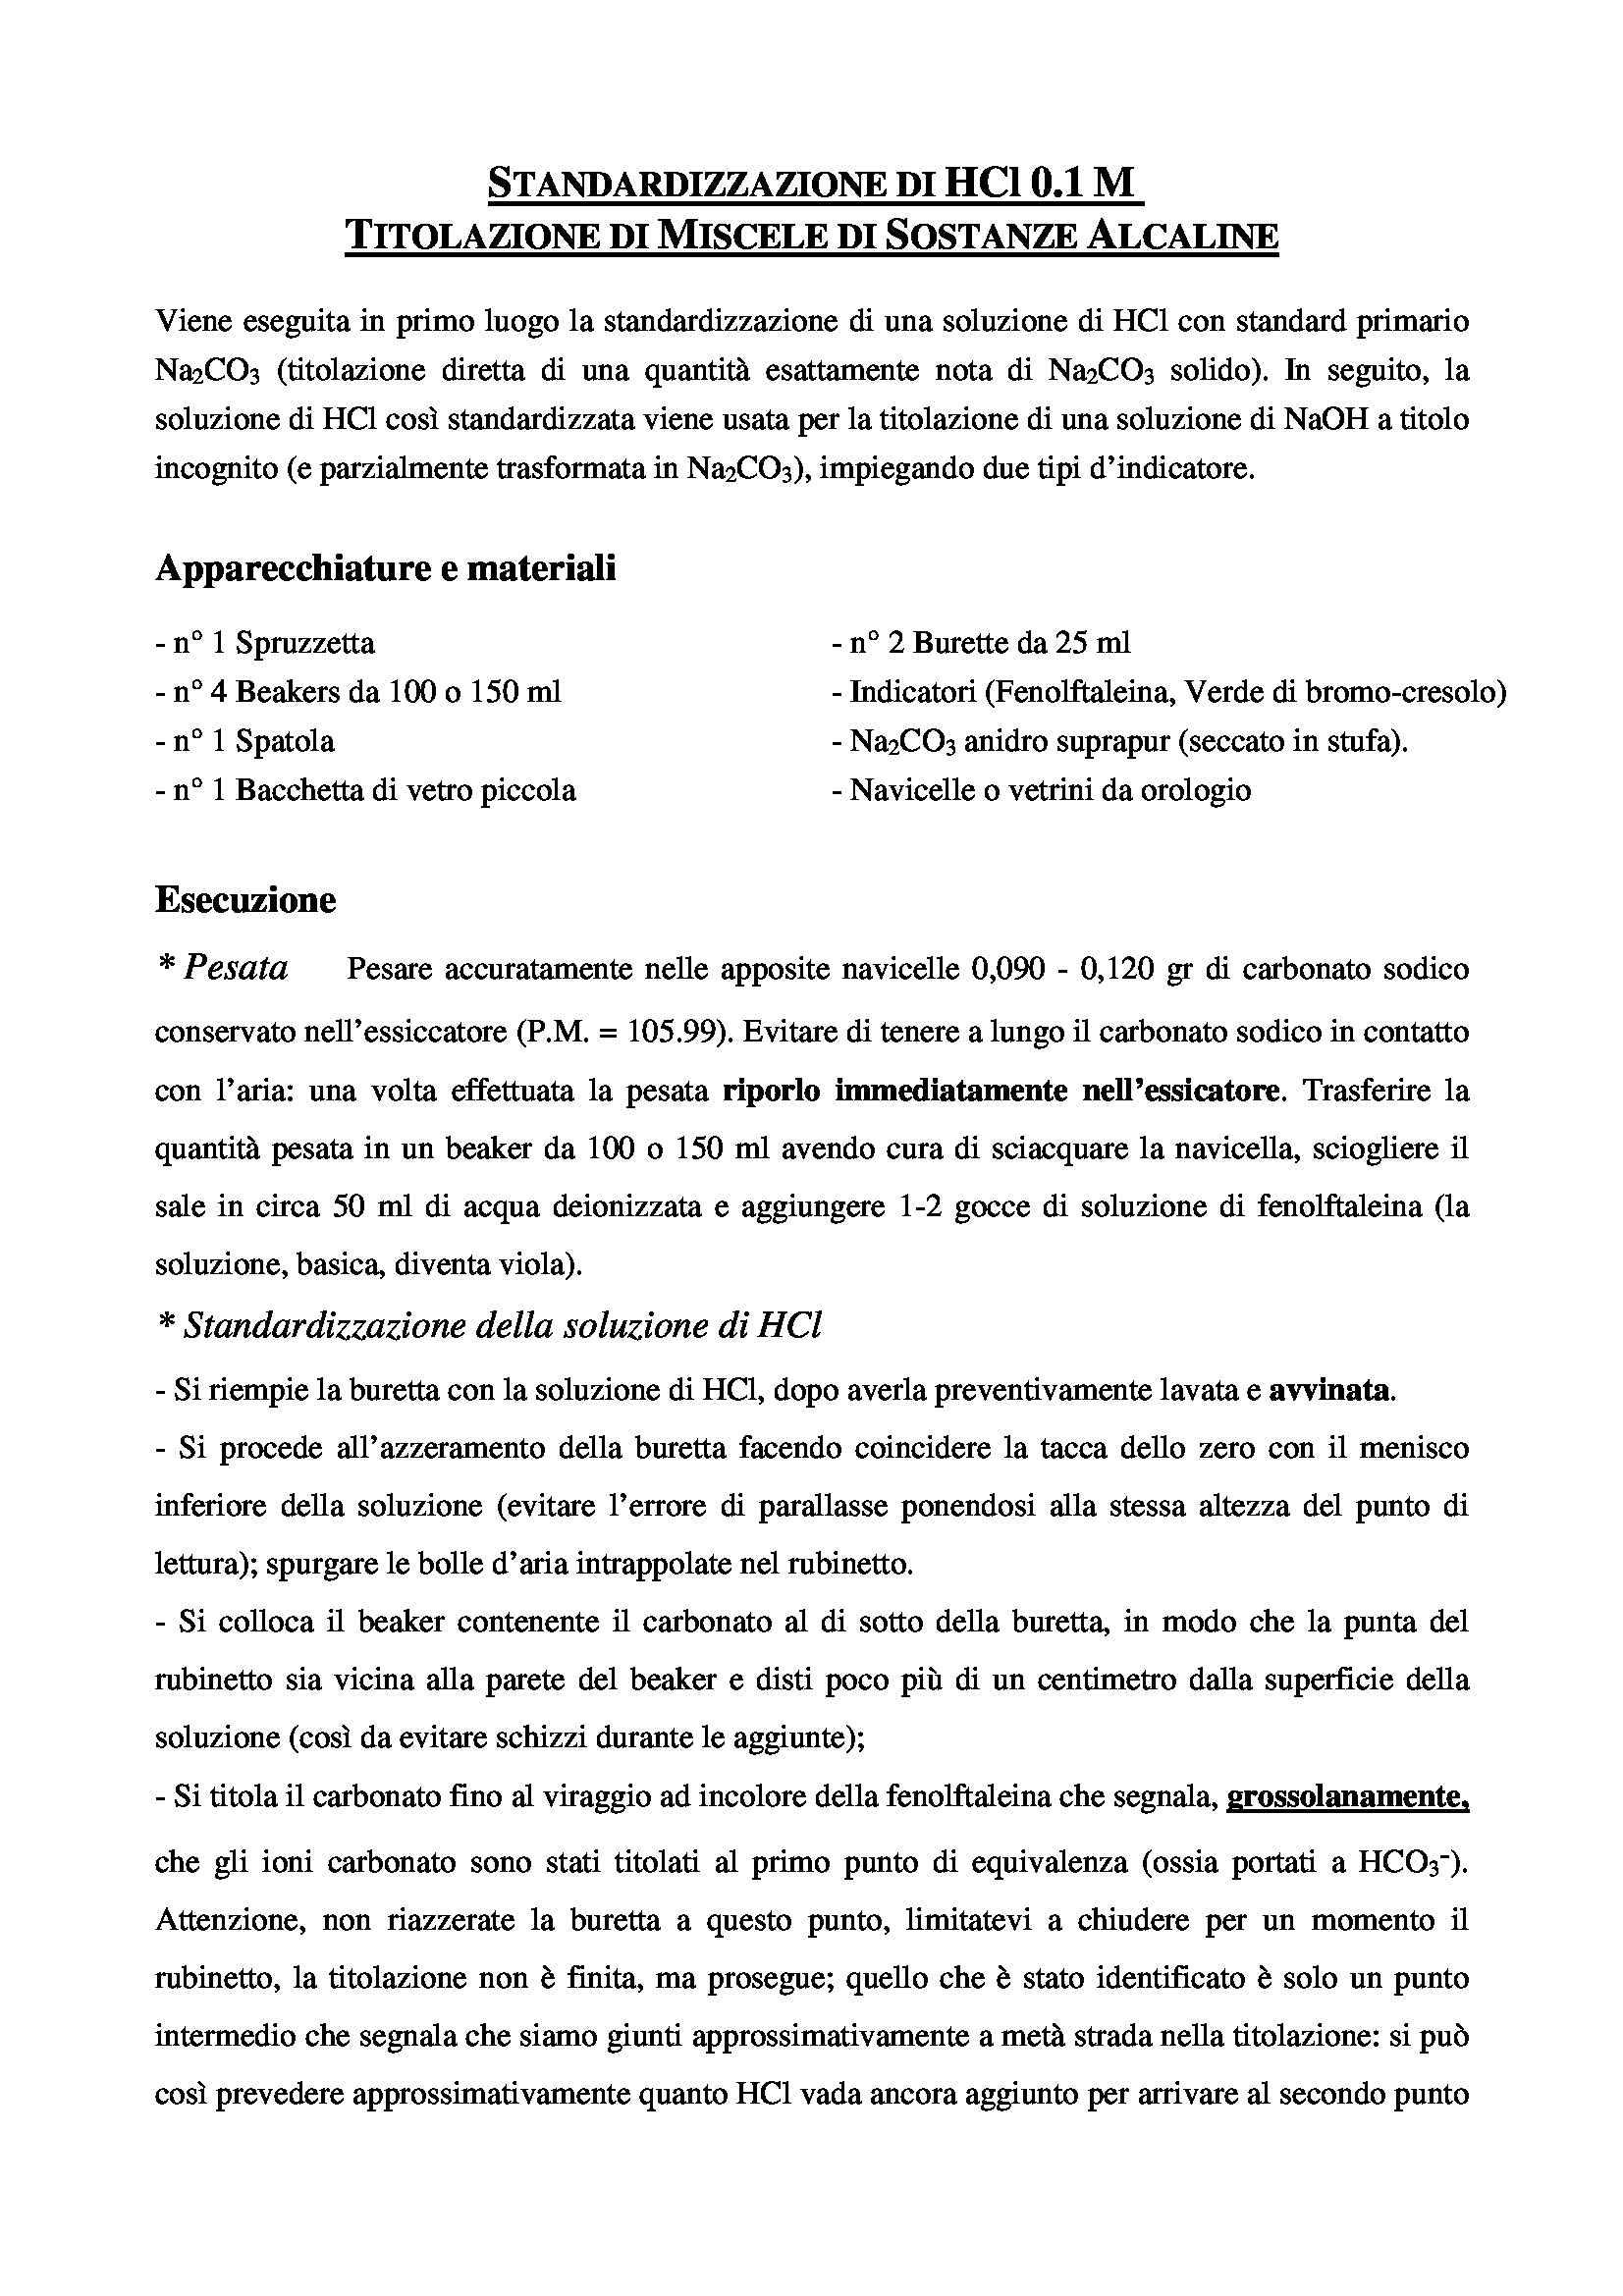 Laboratorio di chimica analitica - Titolazione di miscele alcaline